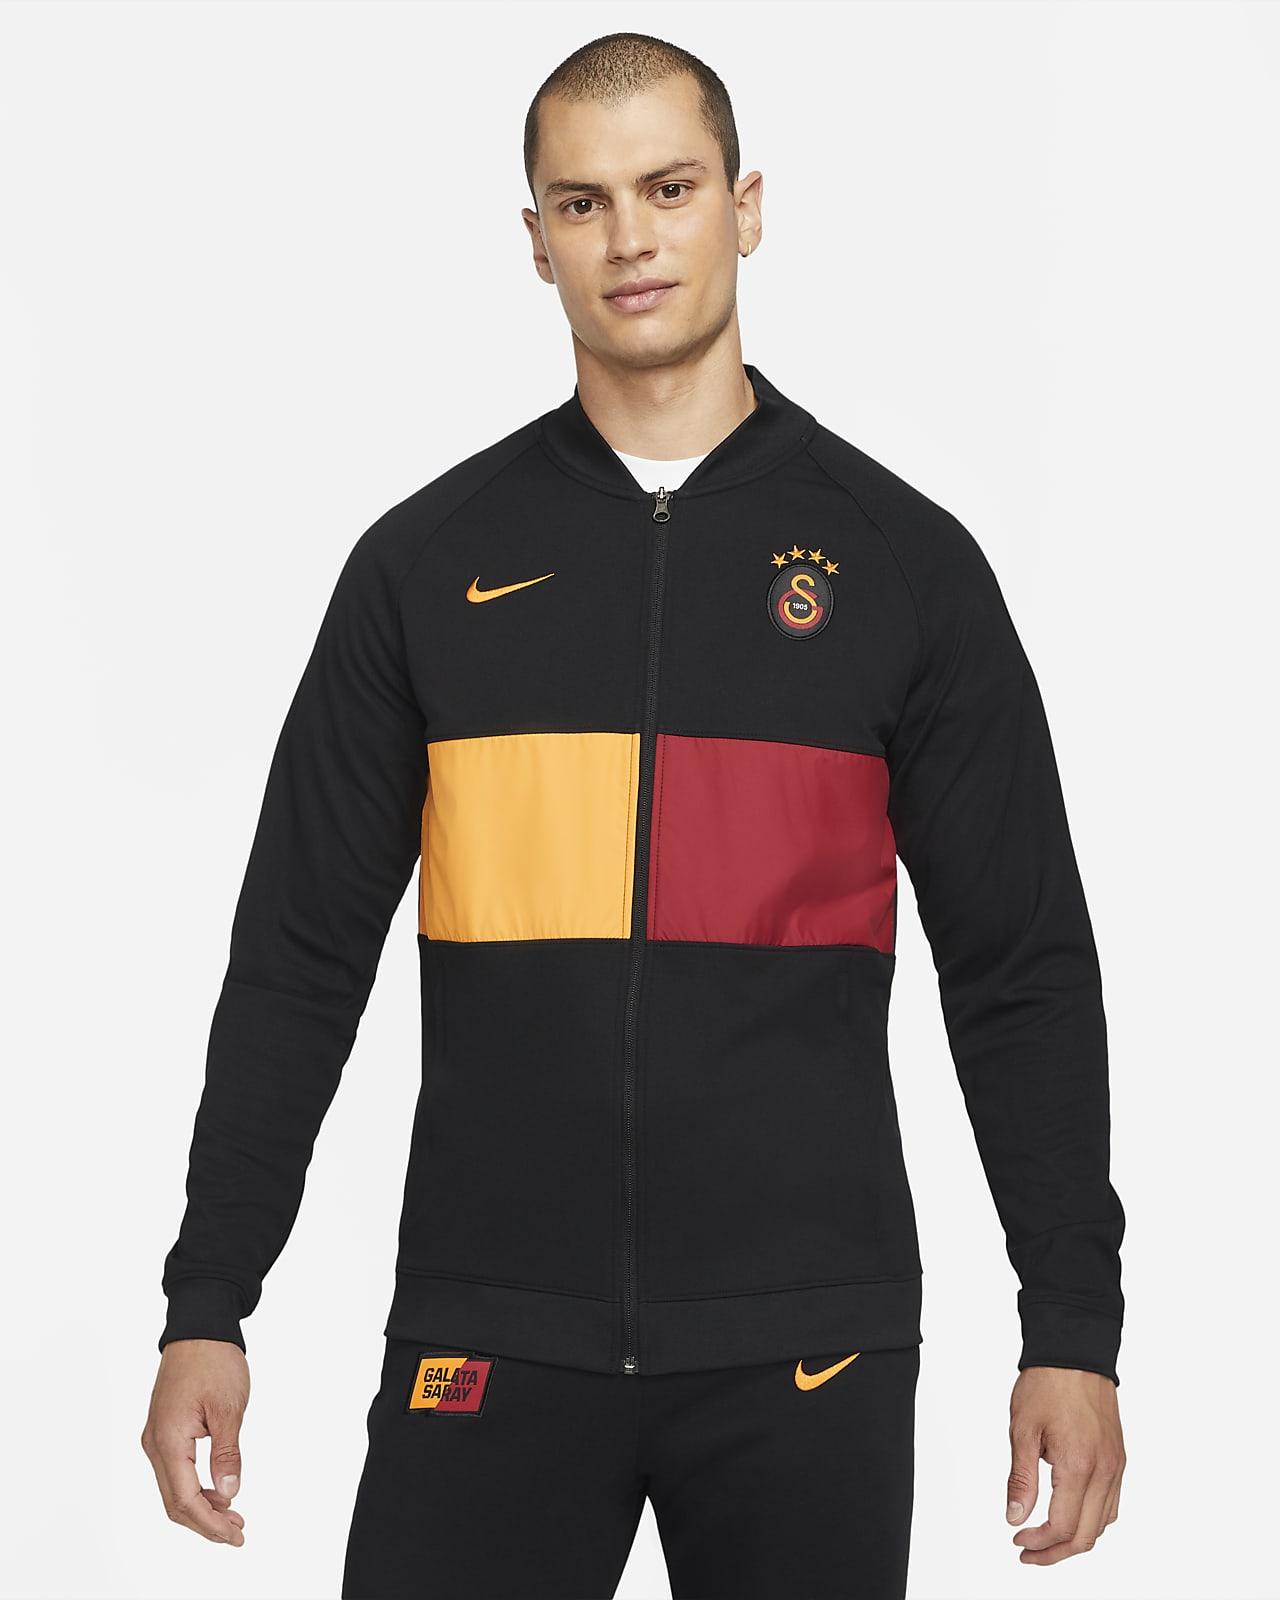 Galatasaray Fußball-Track-Jacket mit durchgehendem Reißverschluss für Herren